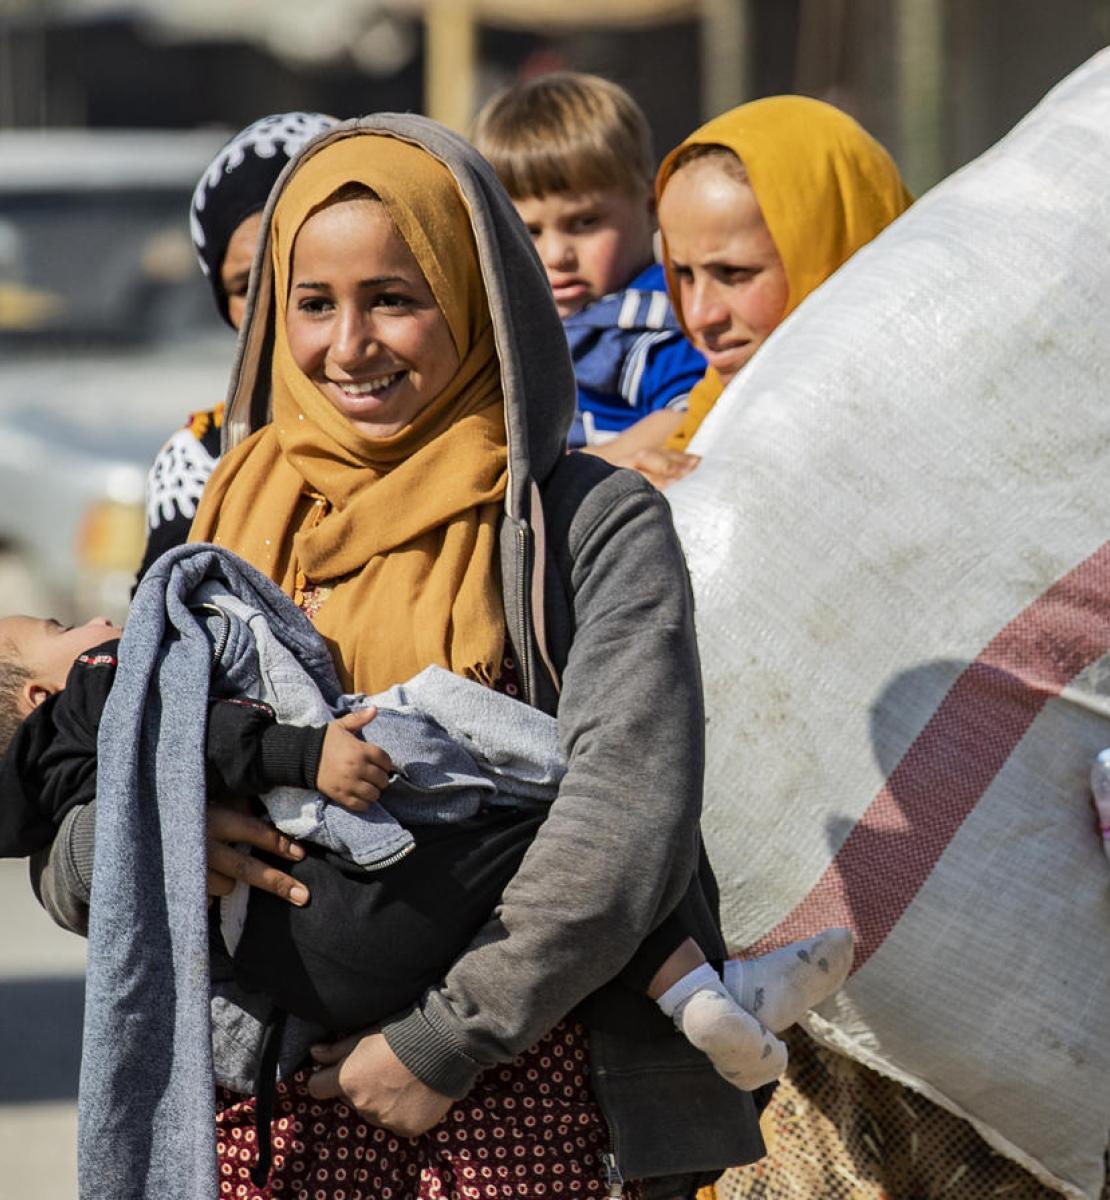 Una mujer sonríe mientras carga a un niño dormido. Otra mujer camina detrás de ella mientras lleva una bolsa grande.